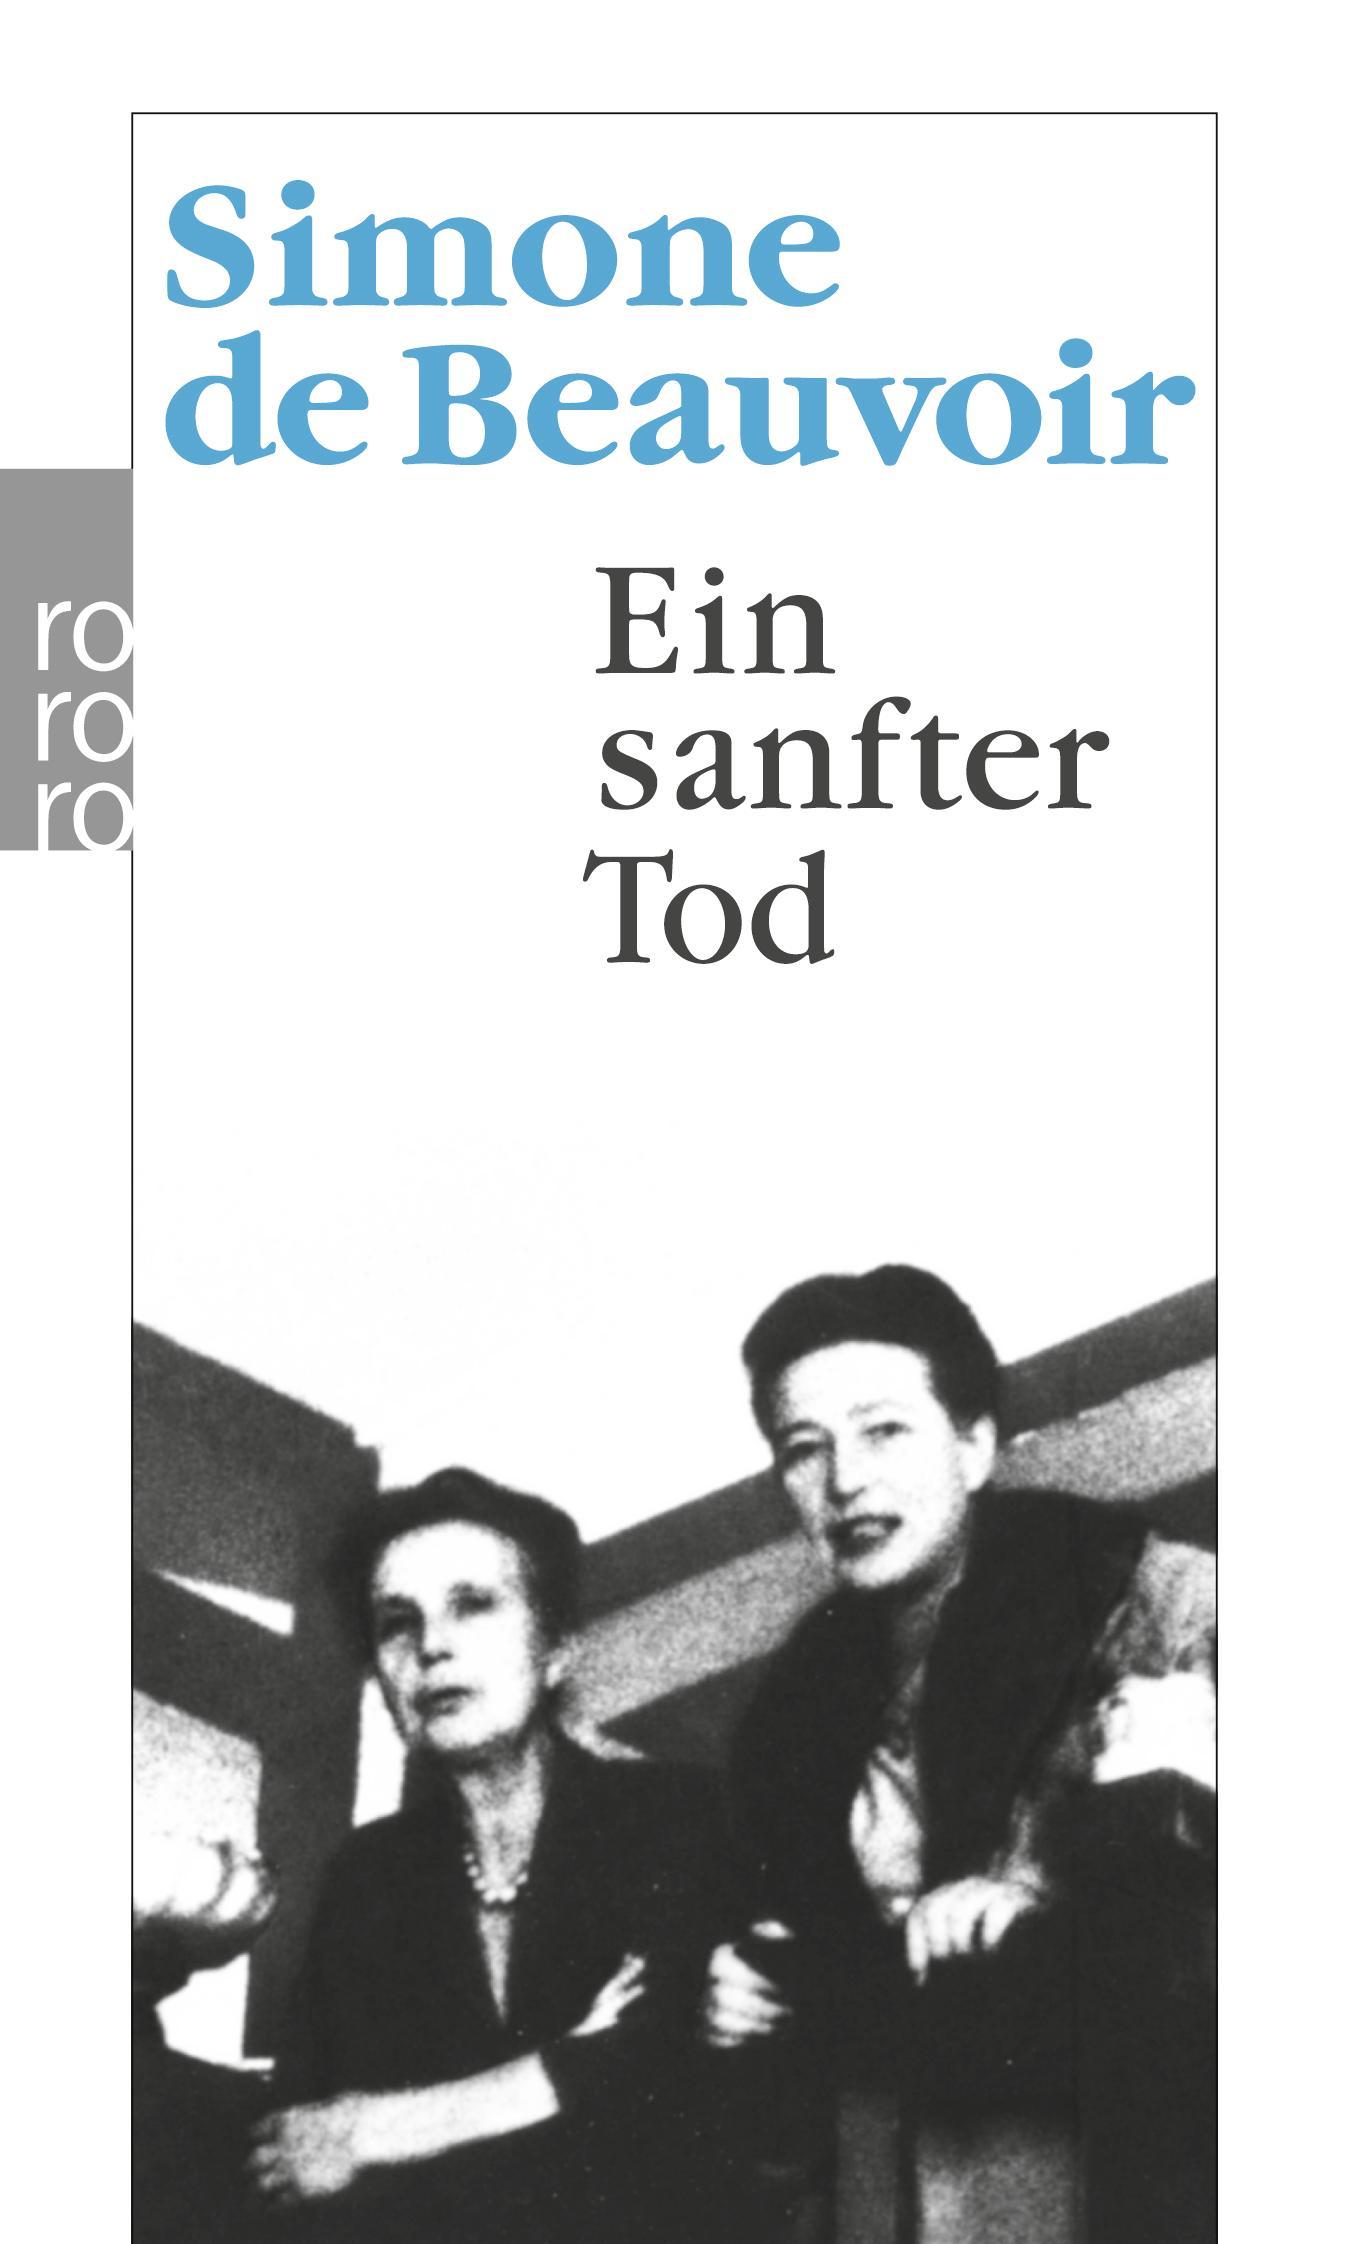 Ein-sanfter-Tod-Simone-de-Beauvoir